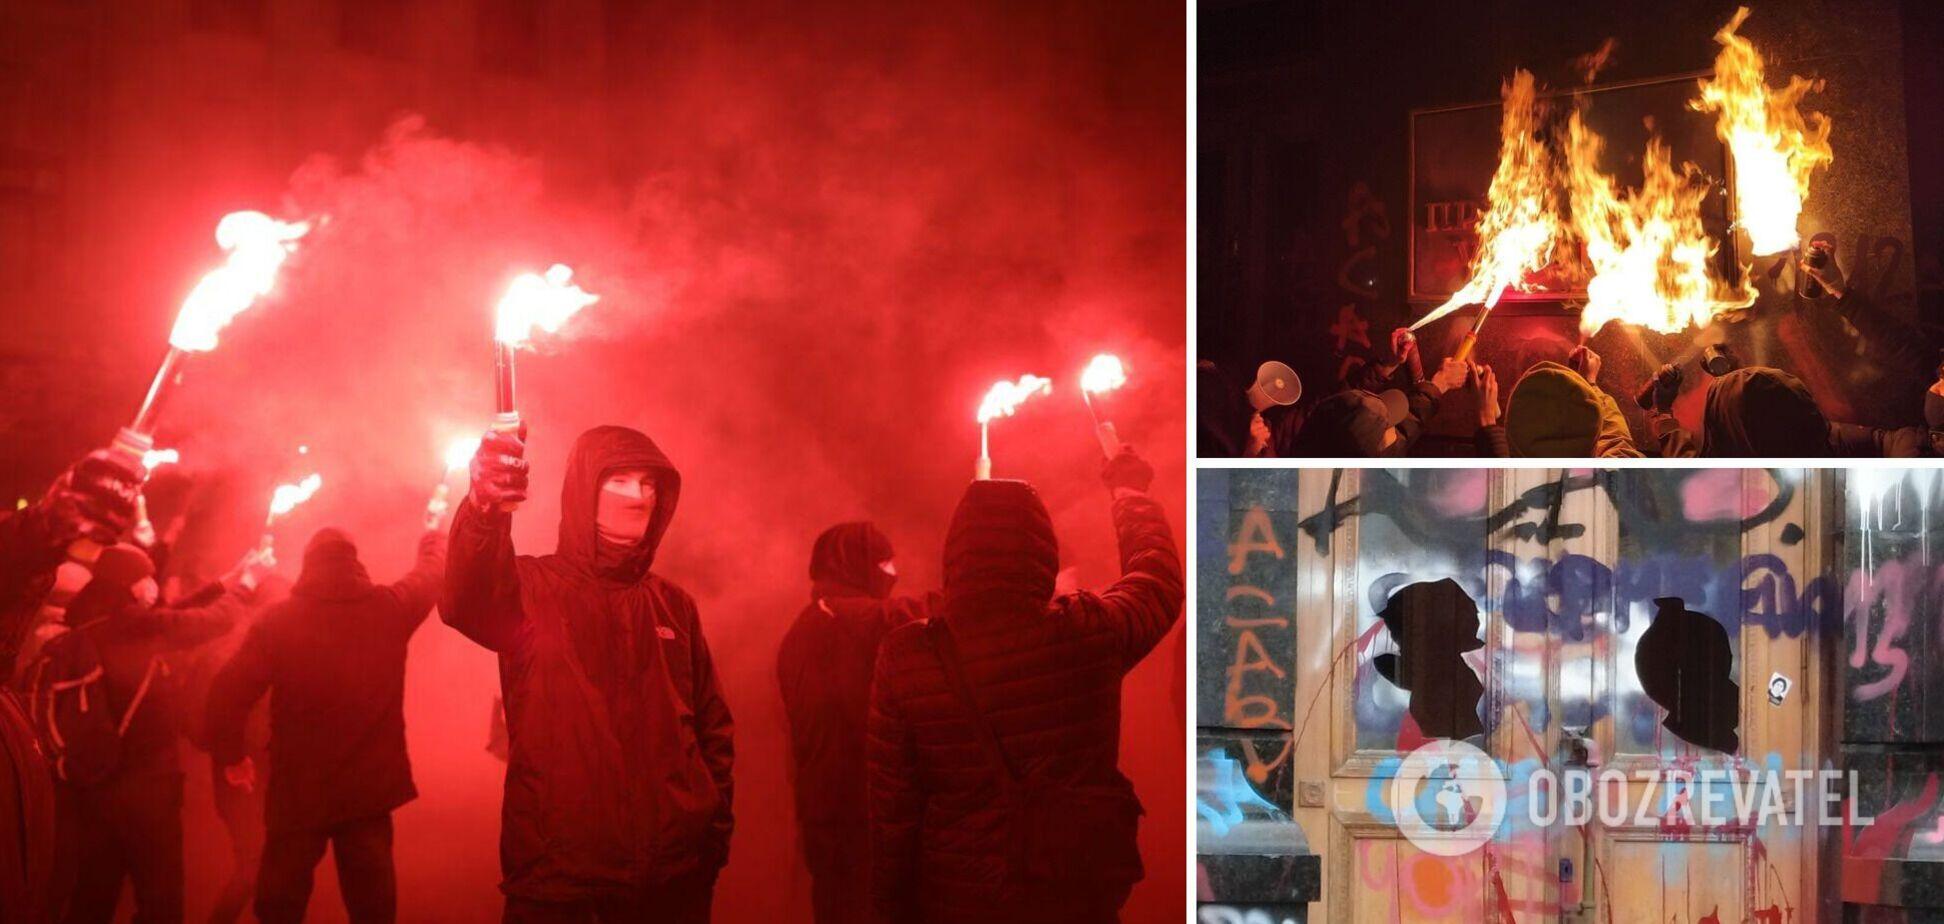 У ЗМІ назвали імена координаторів погромів під Офісом президента в Києві. Фото